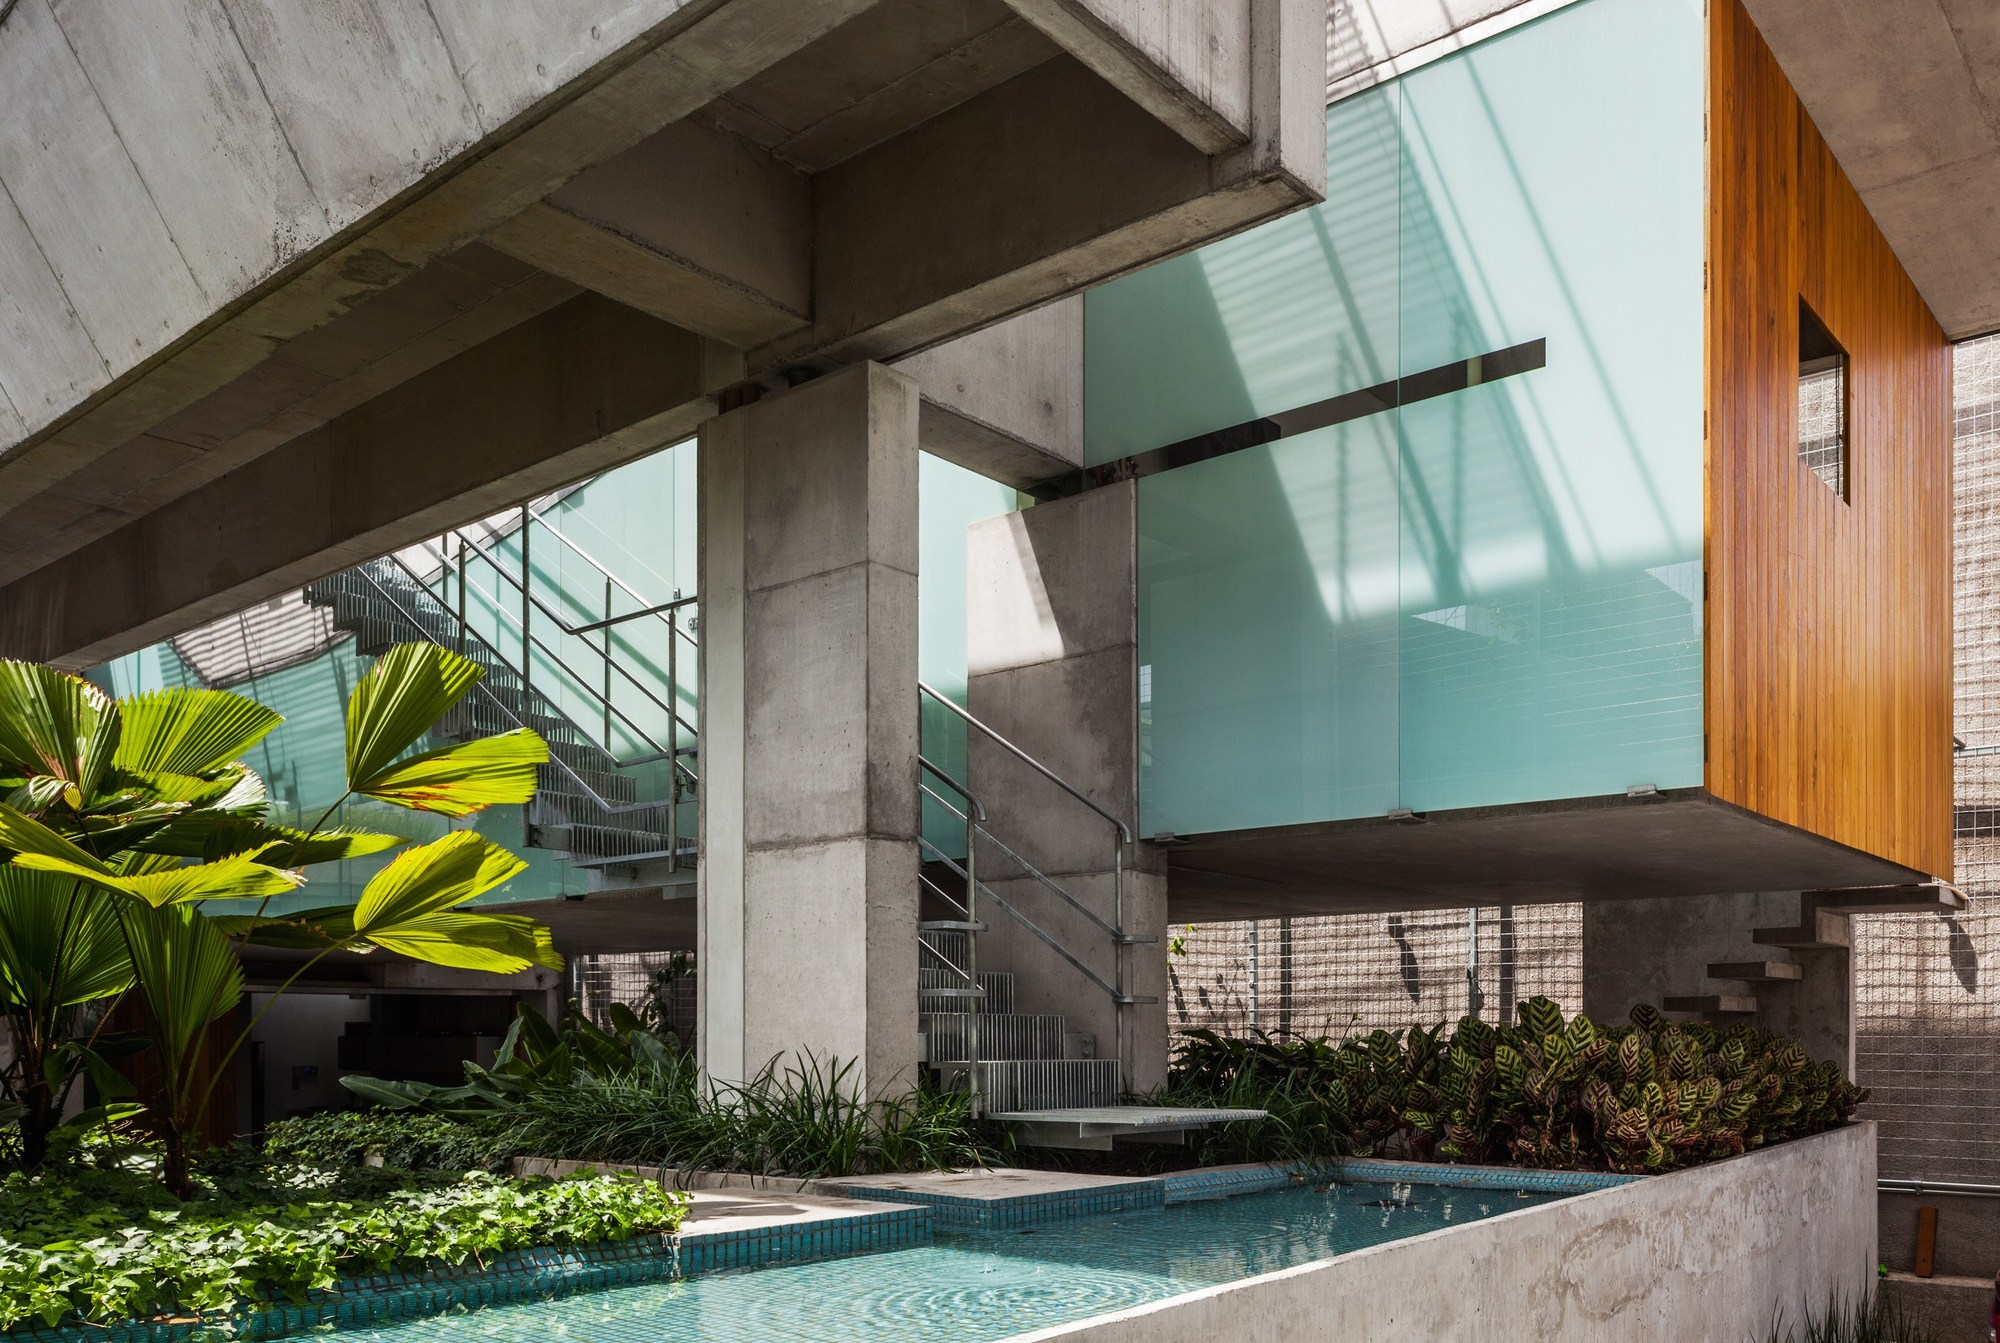 Casa de Fin de Semana en el centro de São Paulo / spbr arquitetos